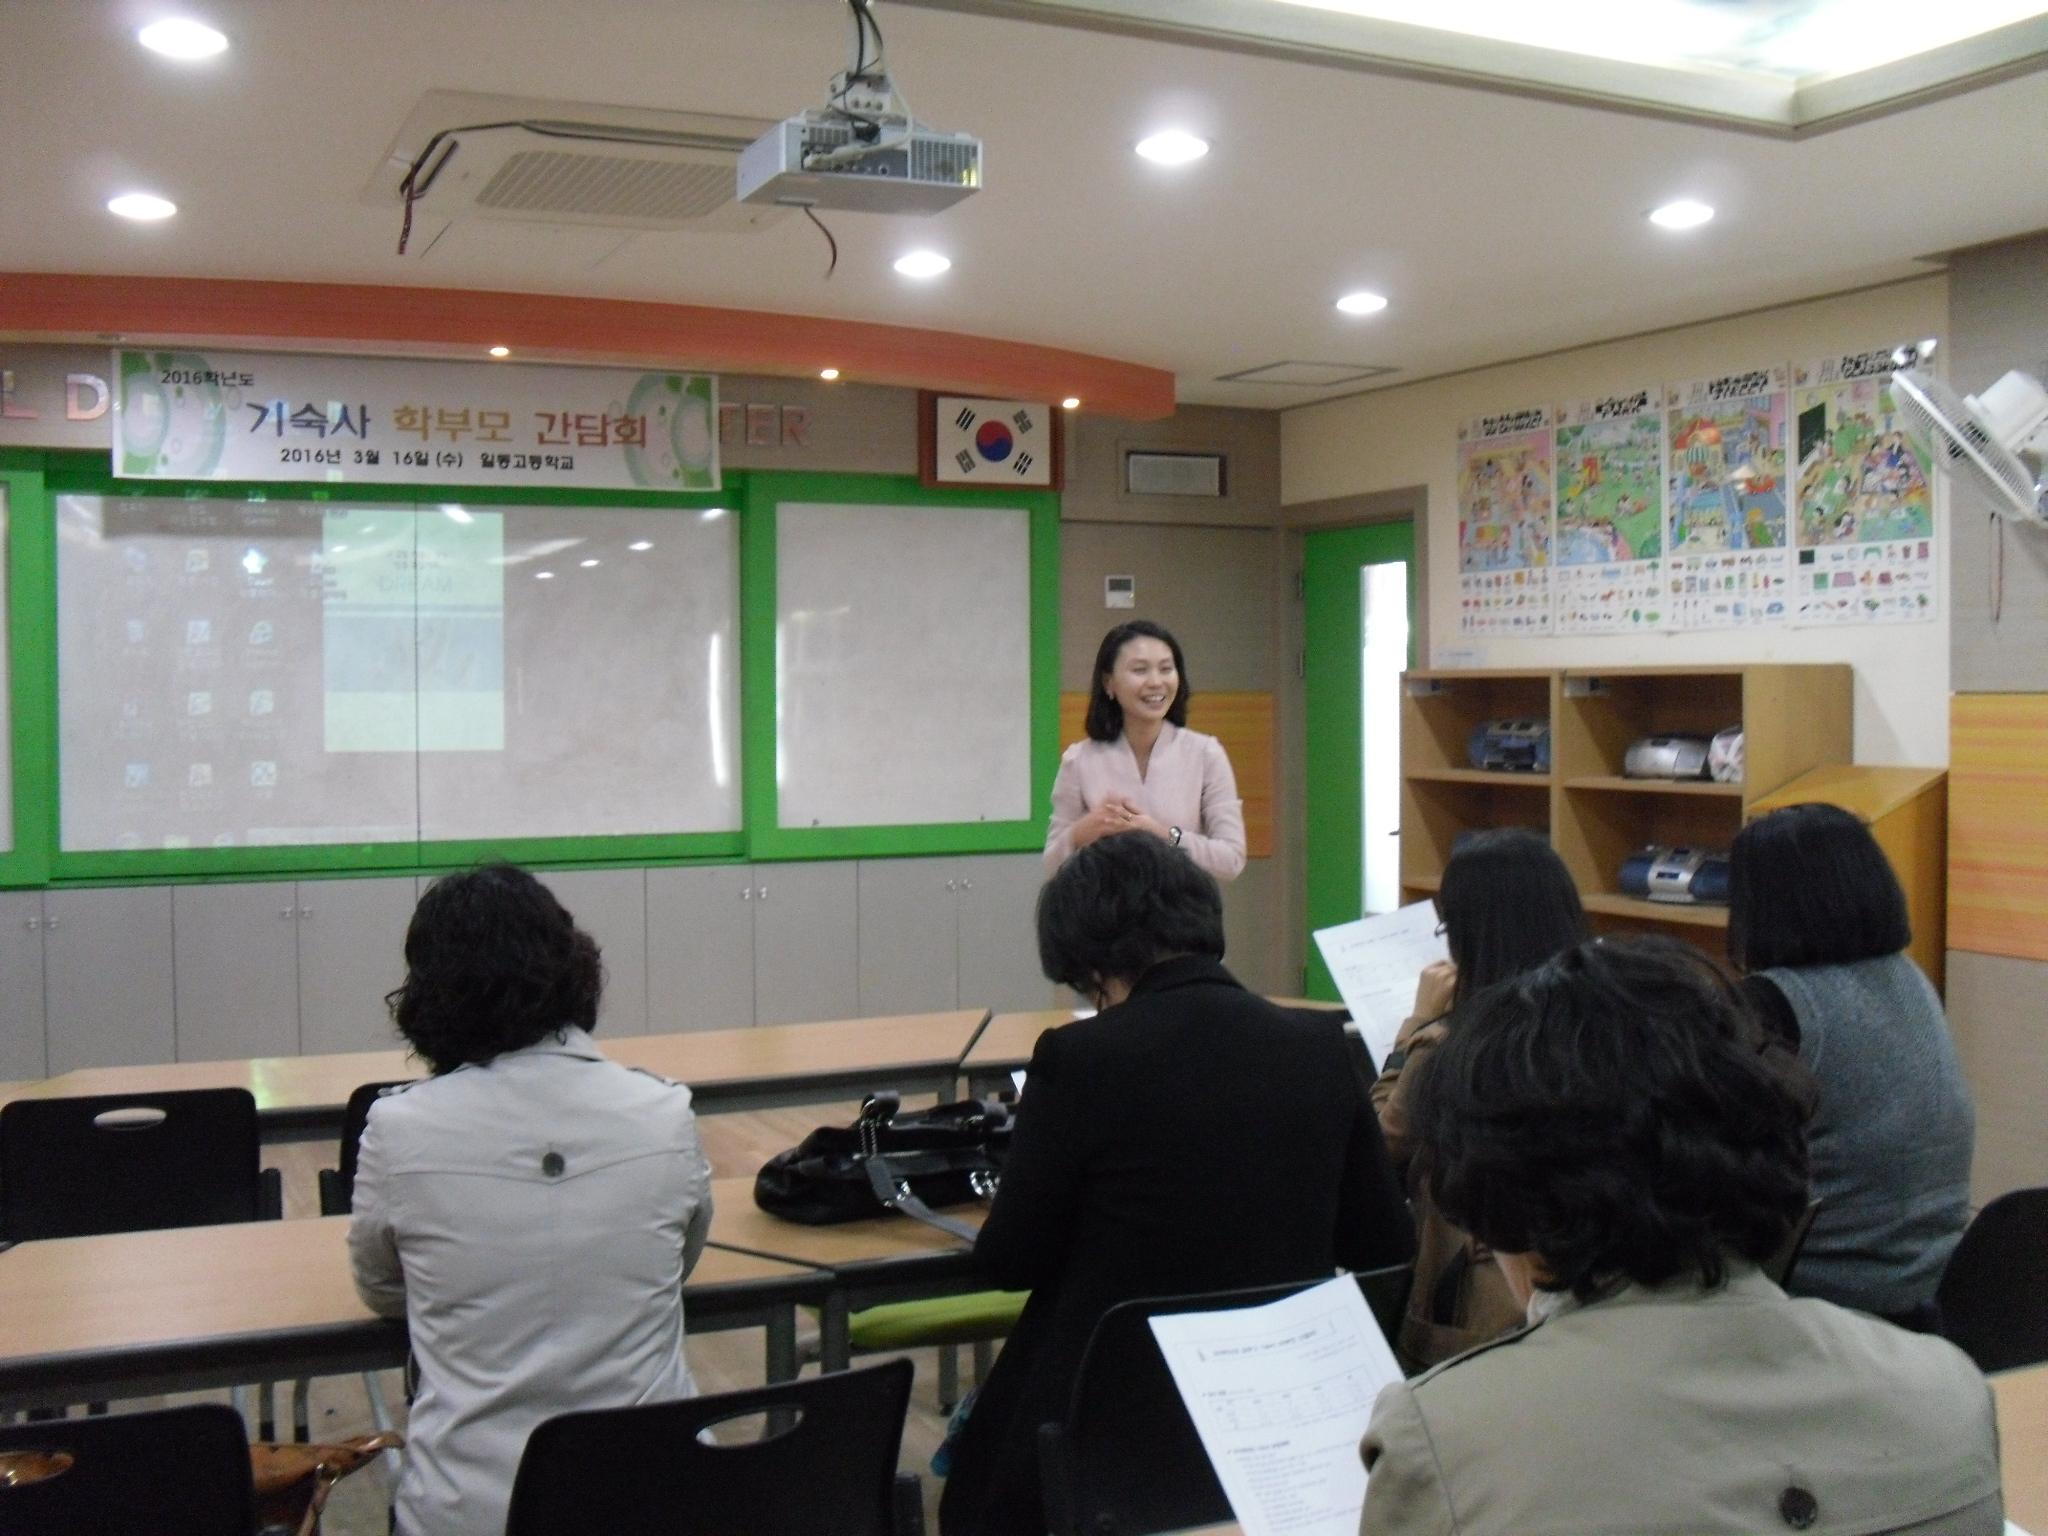 [일반] 2016학년도 기숙사 학부모 간담회의 첨부이미지 2